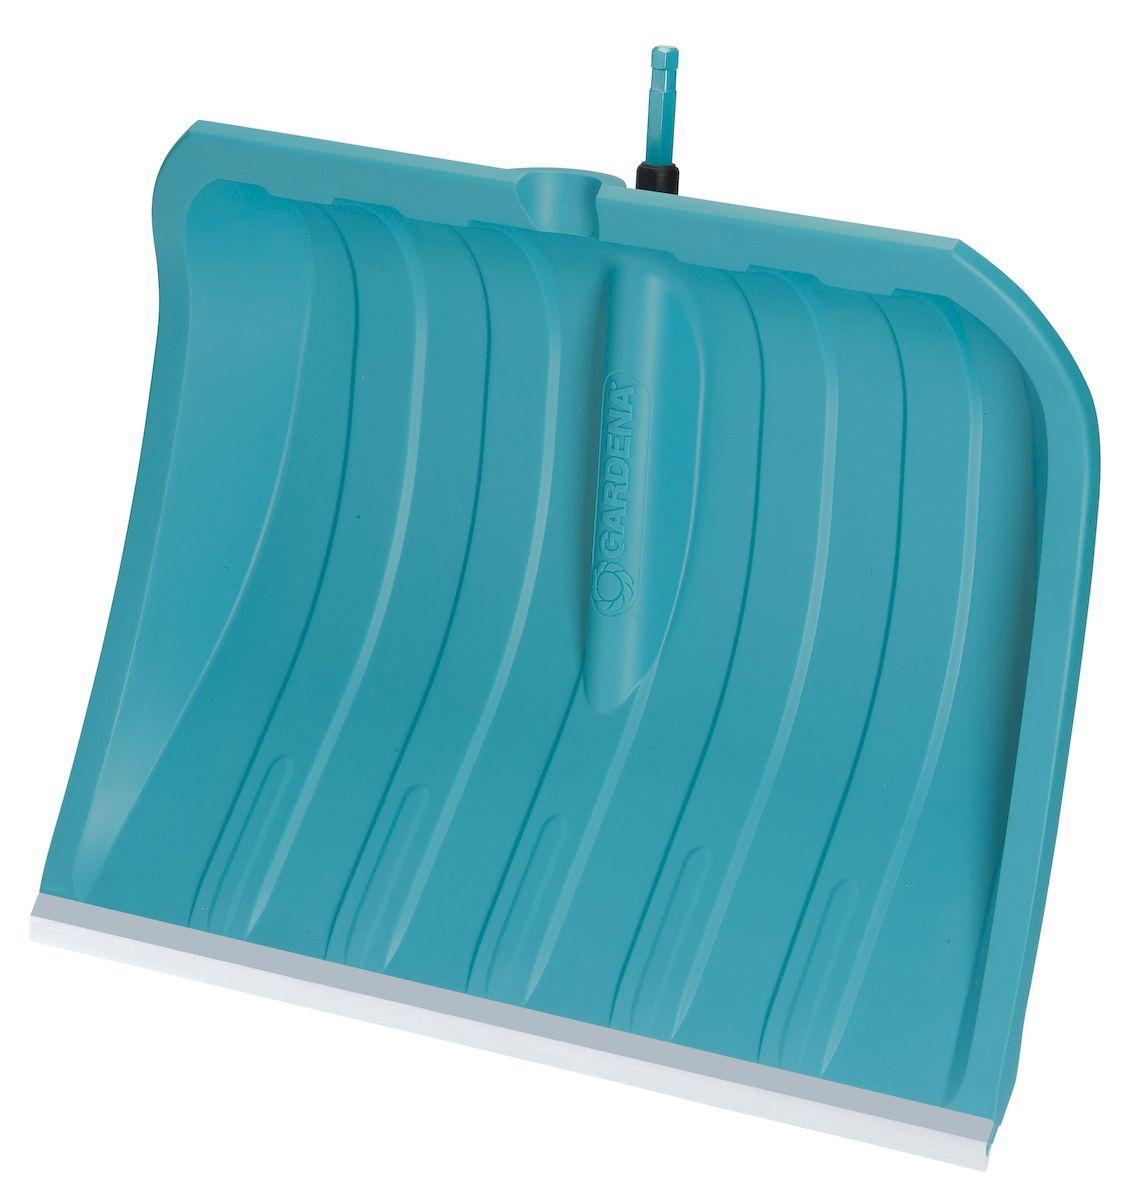 Gardena Лопата для уборки снега 50 см с кромкой из нержавеющей стали03243-20.000.00Уборка снега, высококачетсвенный пластик; устойчивость к морозу до -40 градусов и соли, рабочая ширина 50см, рекомендуемая длина ручки 130см (3734-20). Бесшумная, износостойкая пластиковая кромка, неповреждающая поверхность. Идеальна подходит для неровных поверхностей, таких как бетон или асфальт.